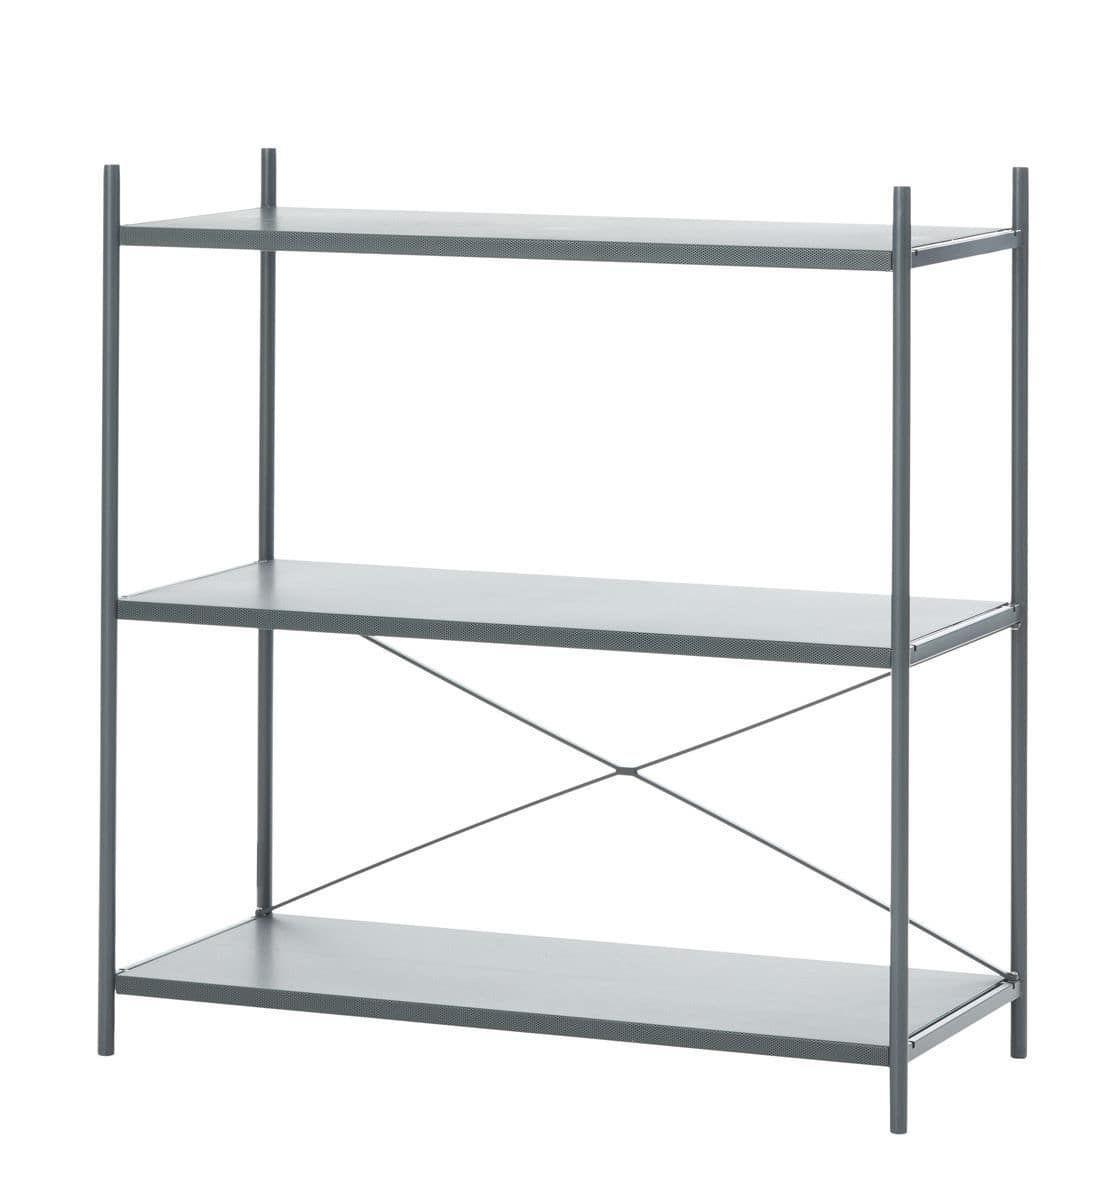 Bien-aimé étourdissant etagere metal modulable | Décoration française  RH84